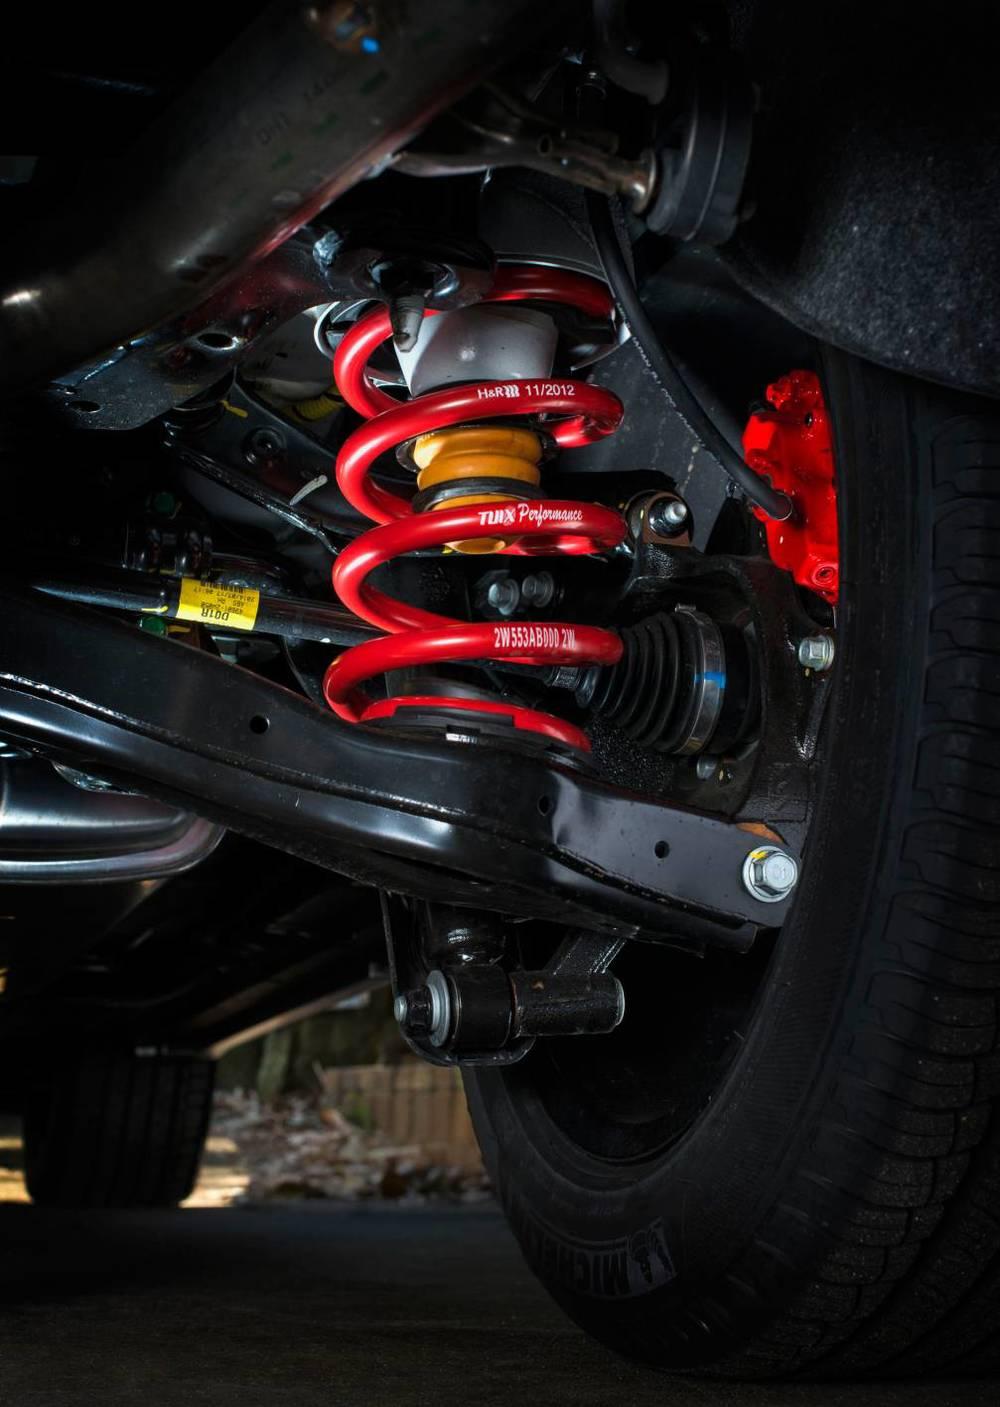 Hyundai Santa Fe 2015 Model Upgrade Auto Expert By John